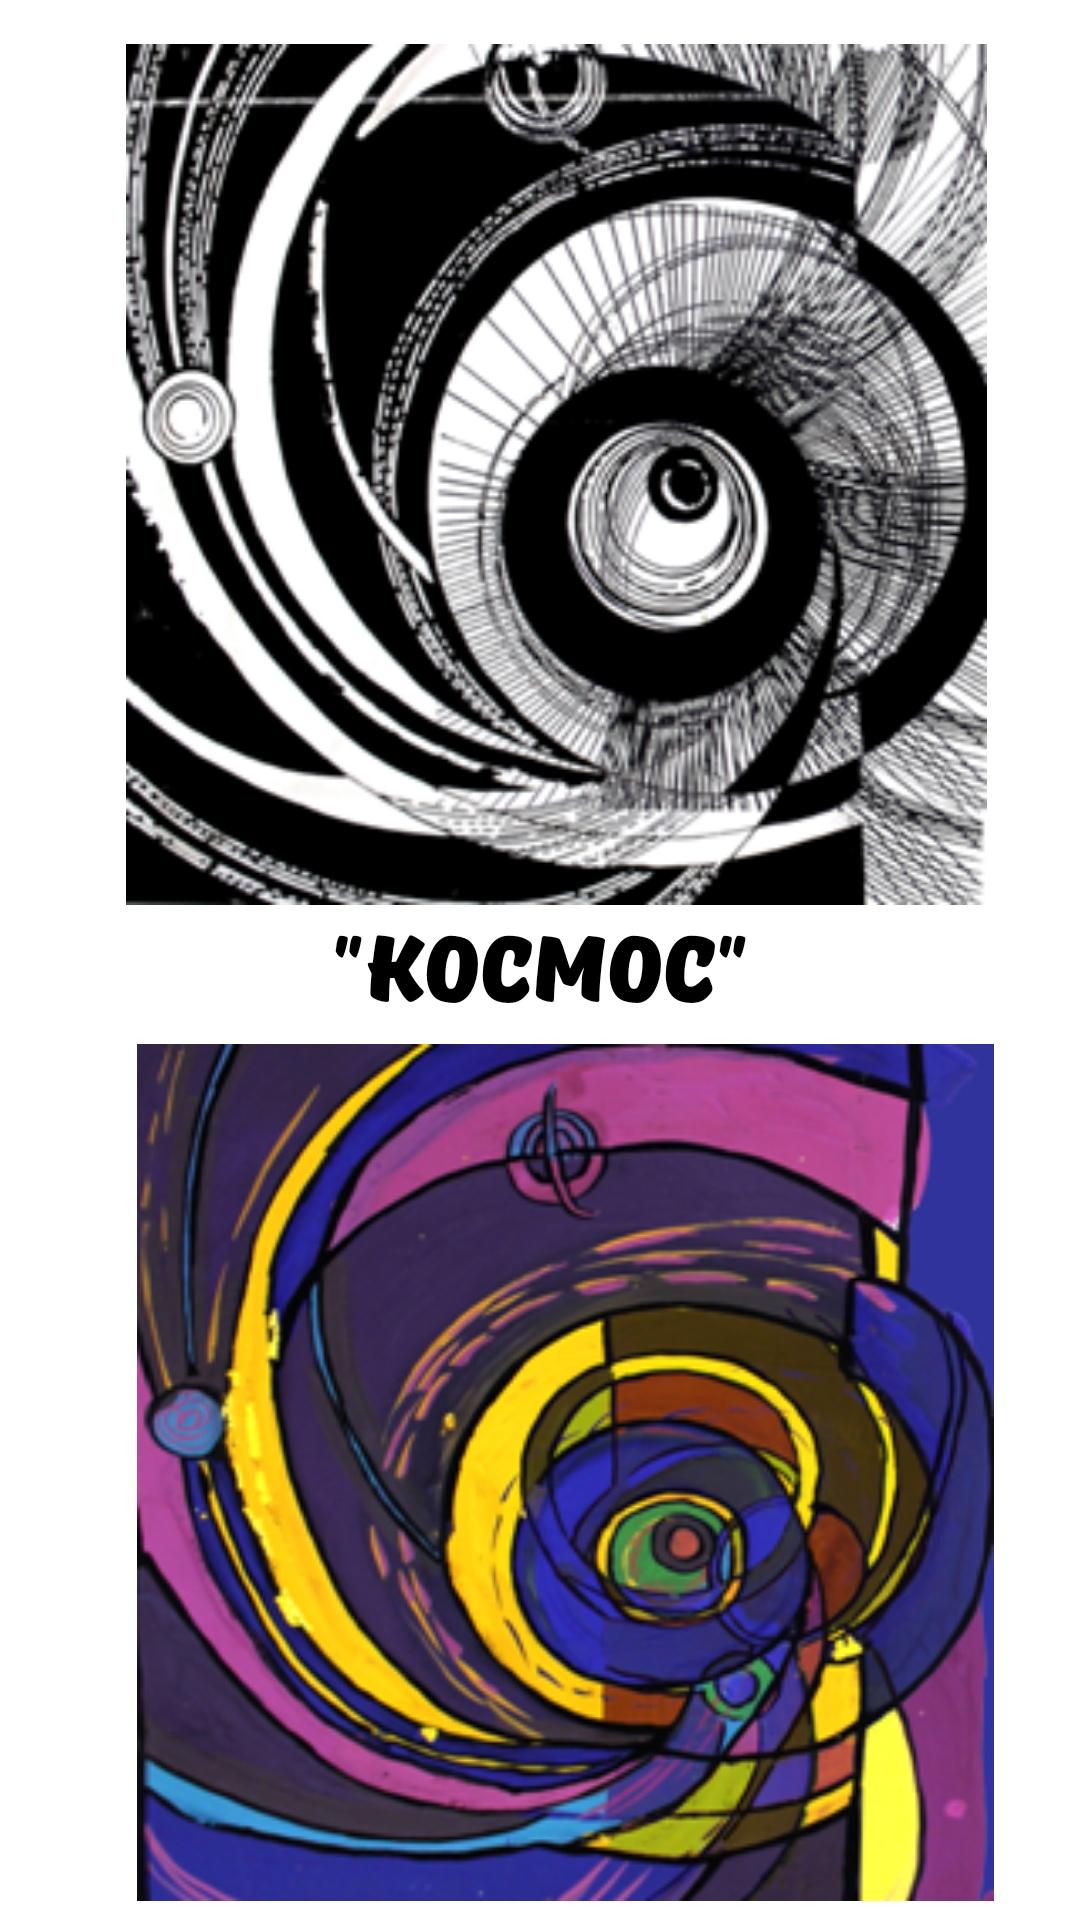 Примеры работ с сайта РГУ им. А.Н. Косыгина